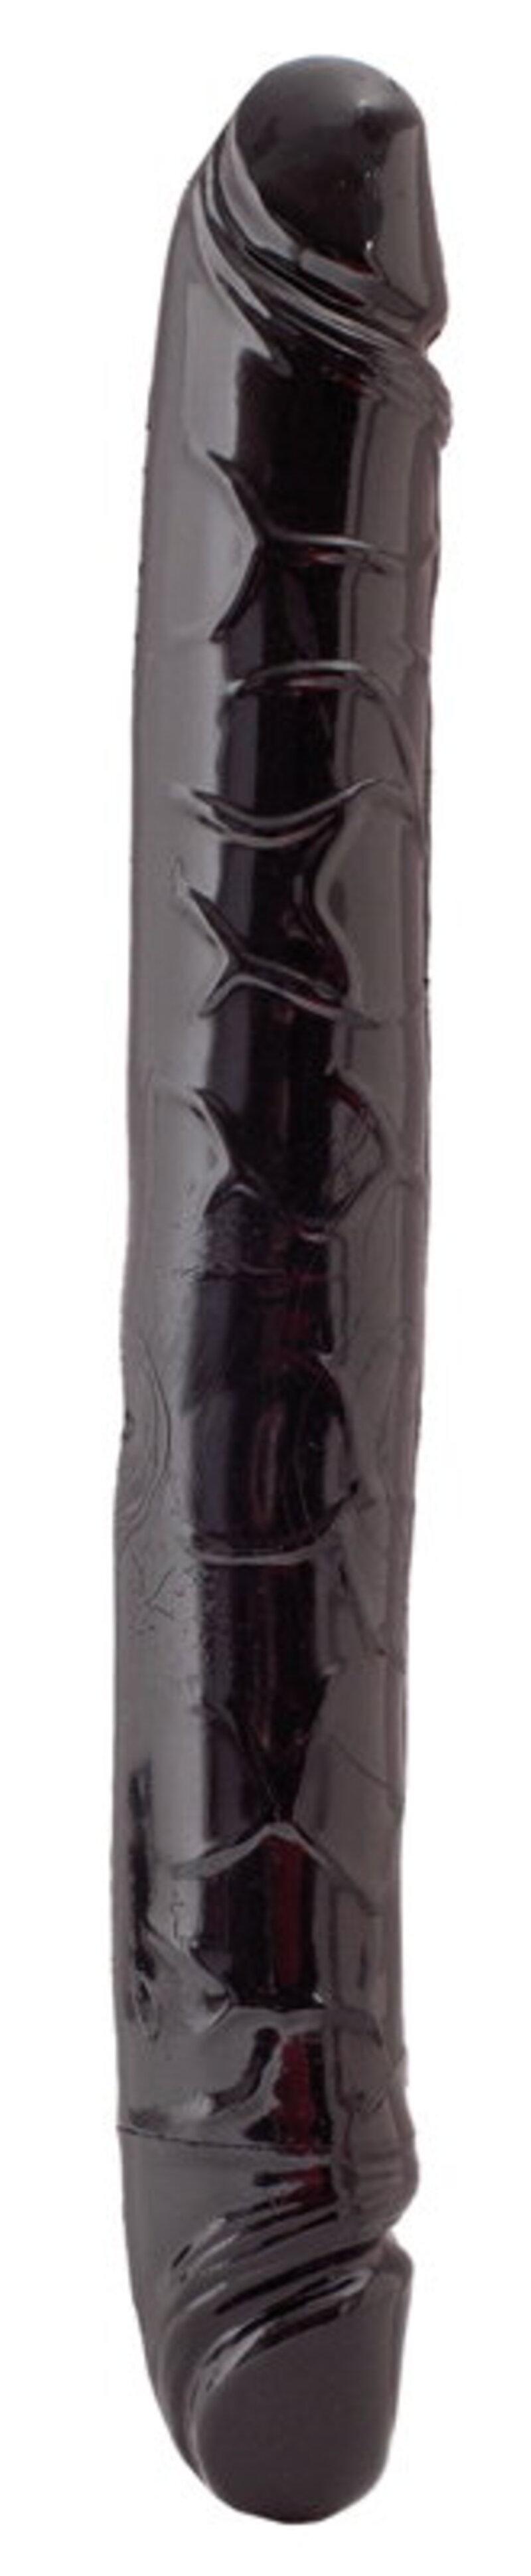 Двусторонний фаллоимитатор TOYFA Black&Red, ПВХ, Чёрный, 31 см